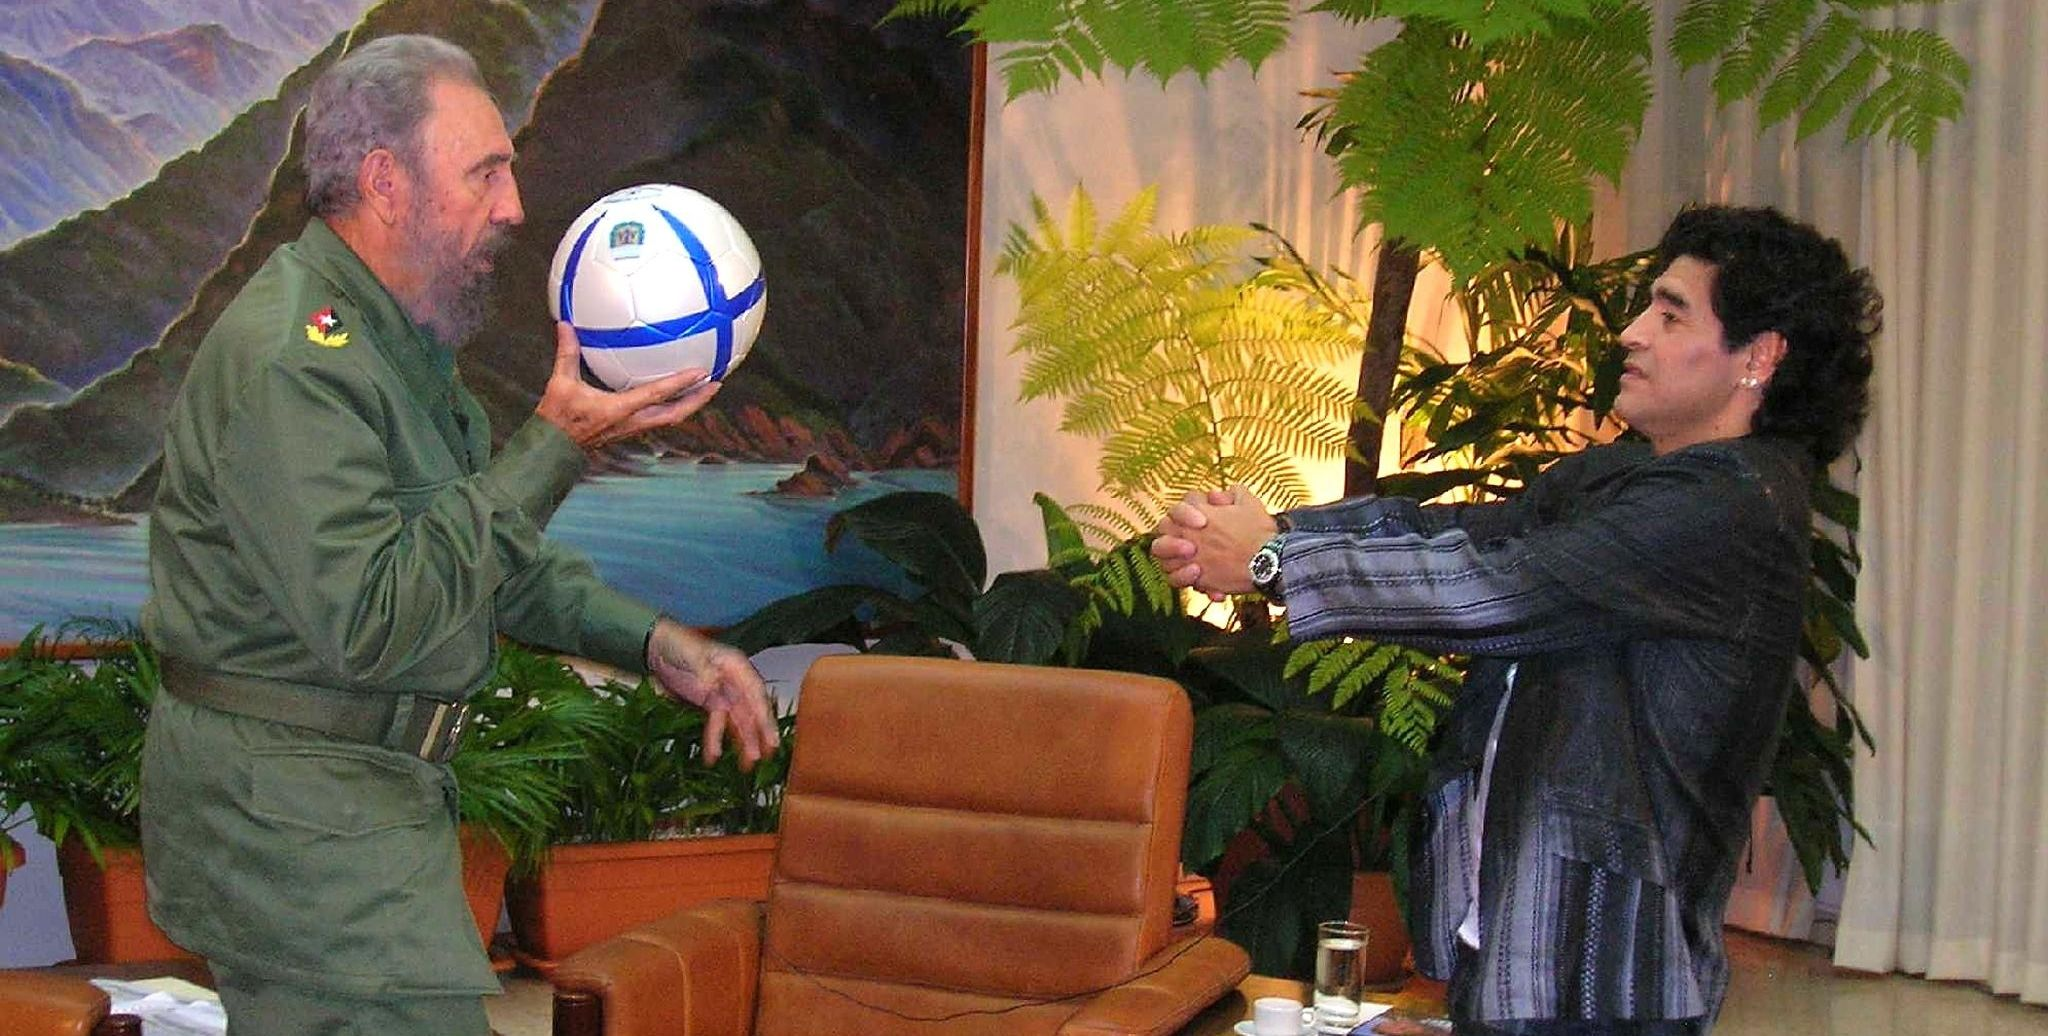 Фидель Кастро и Диега Марадона перебрасываются футбольным мячом.